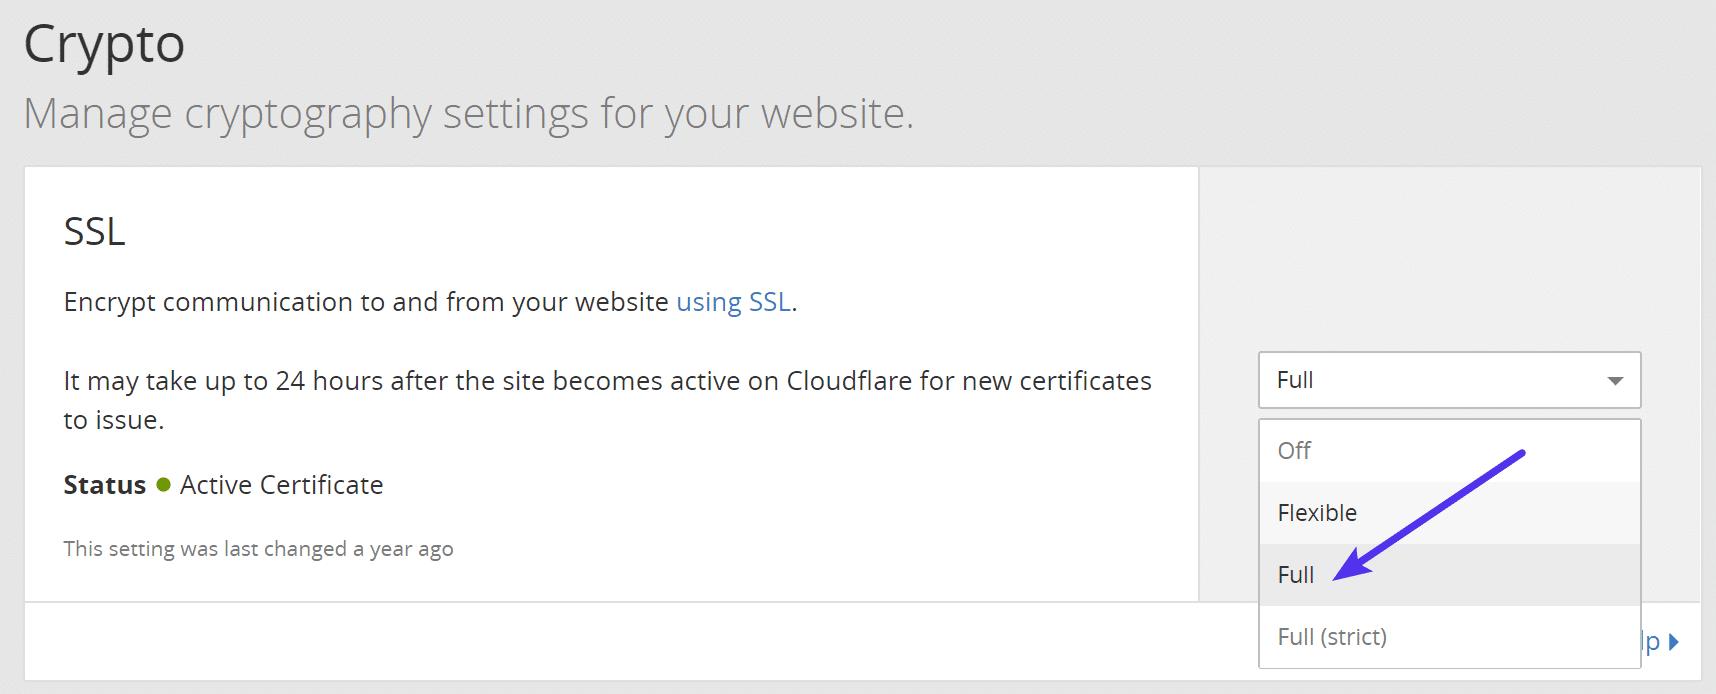 Sätt Cloudflare's kryptonivå till Full